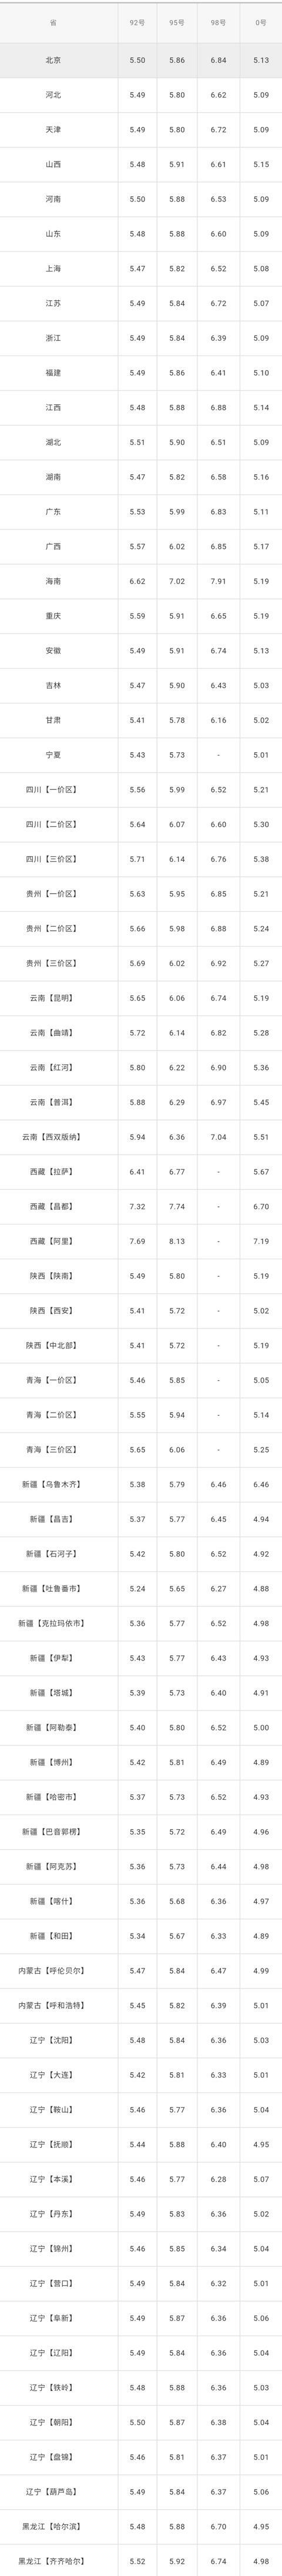 全国油价调整信息:5月28日调整后:全国92、95号汽油价格表